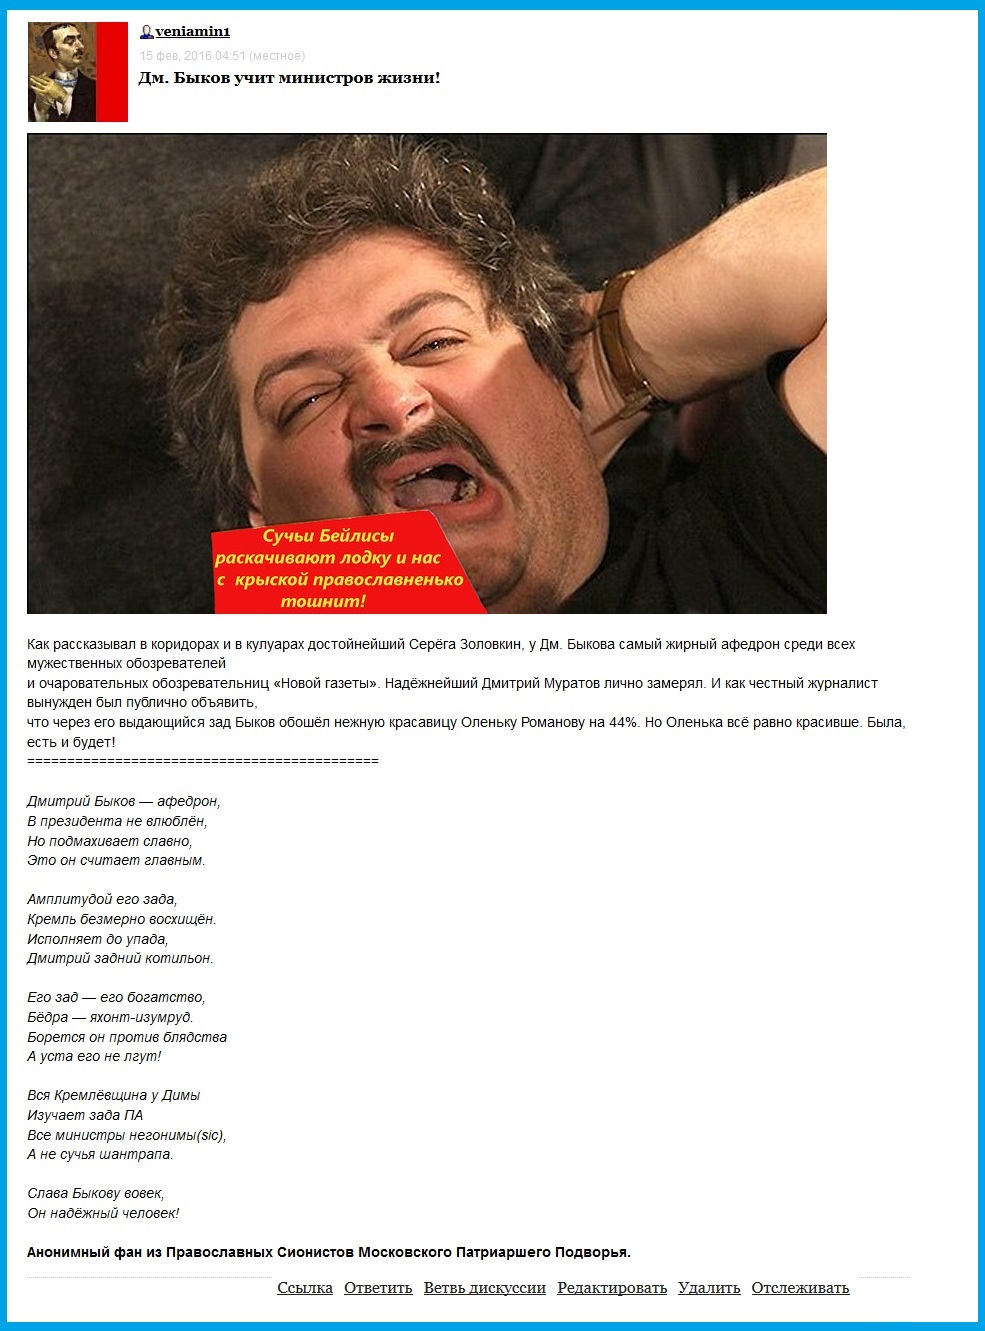 Дмитрий быков стихи в новой газете последние 2018 год